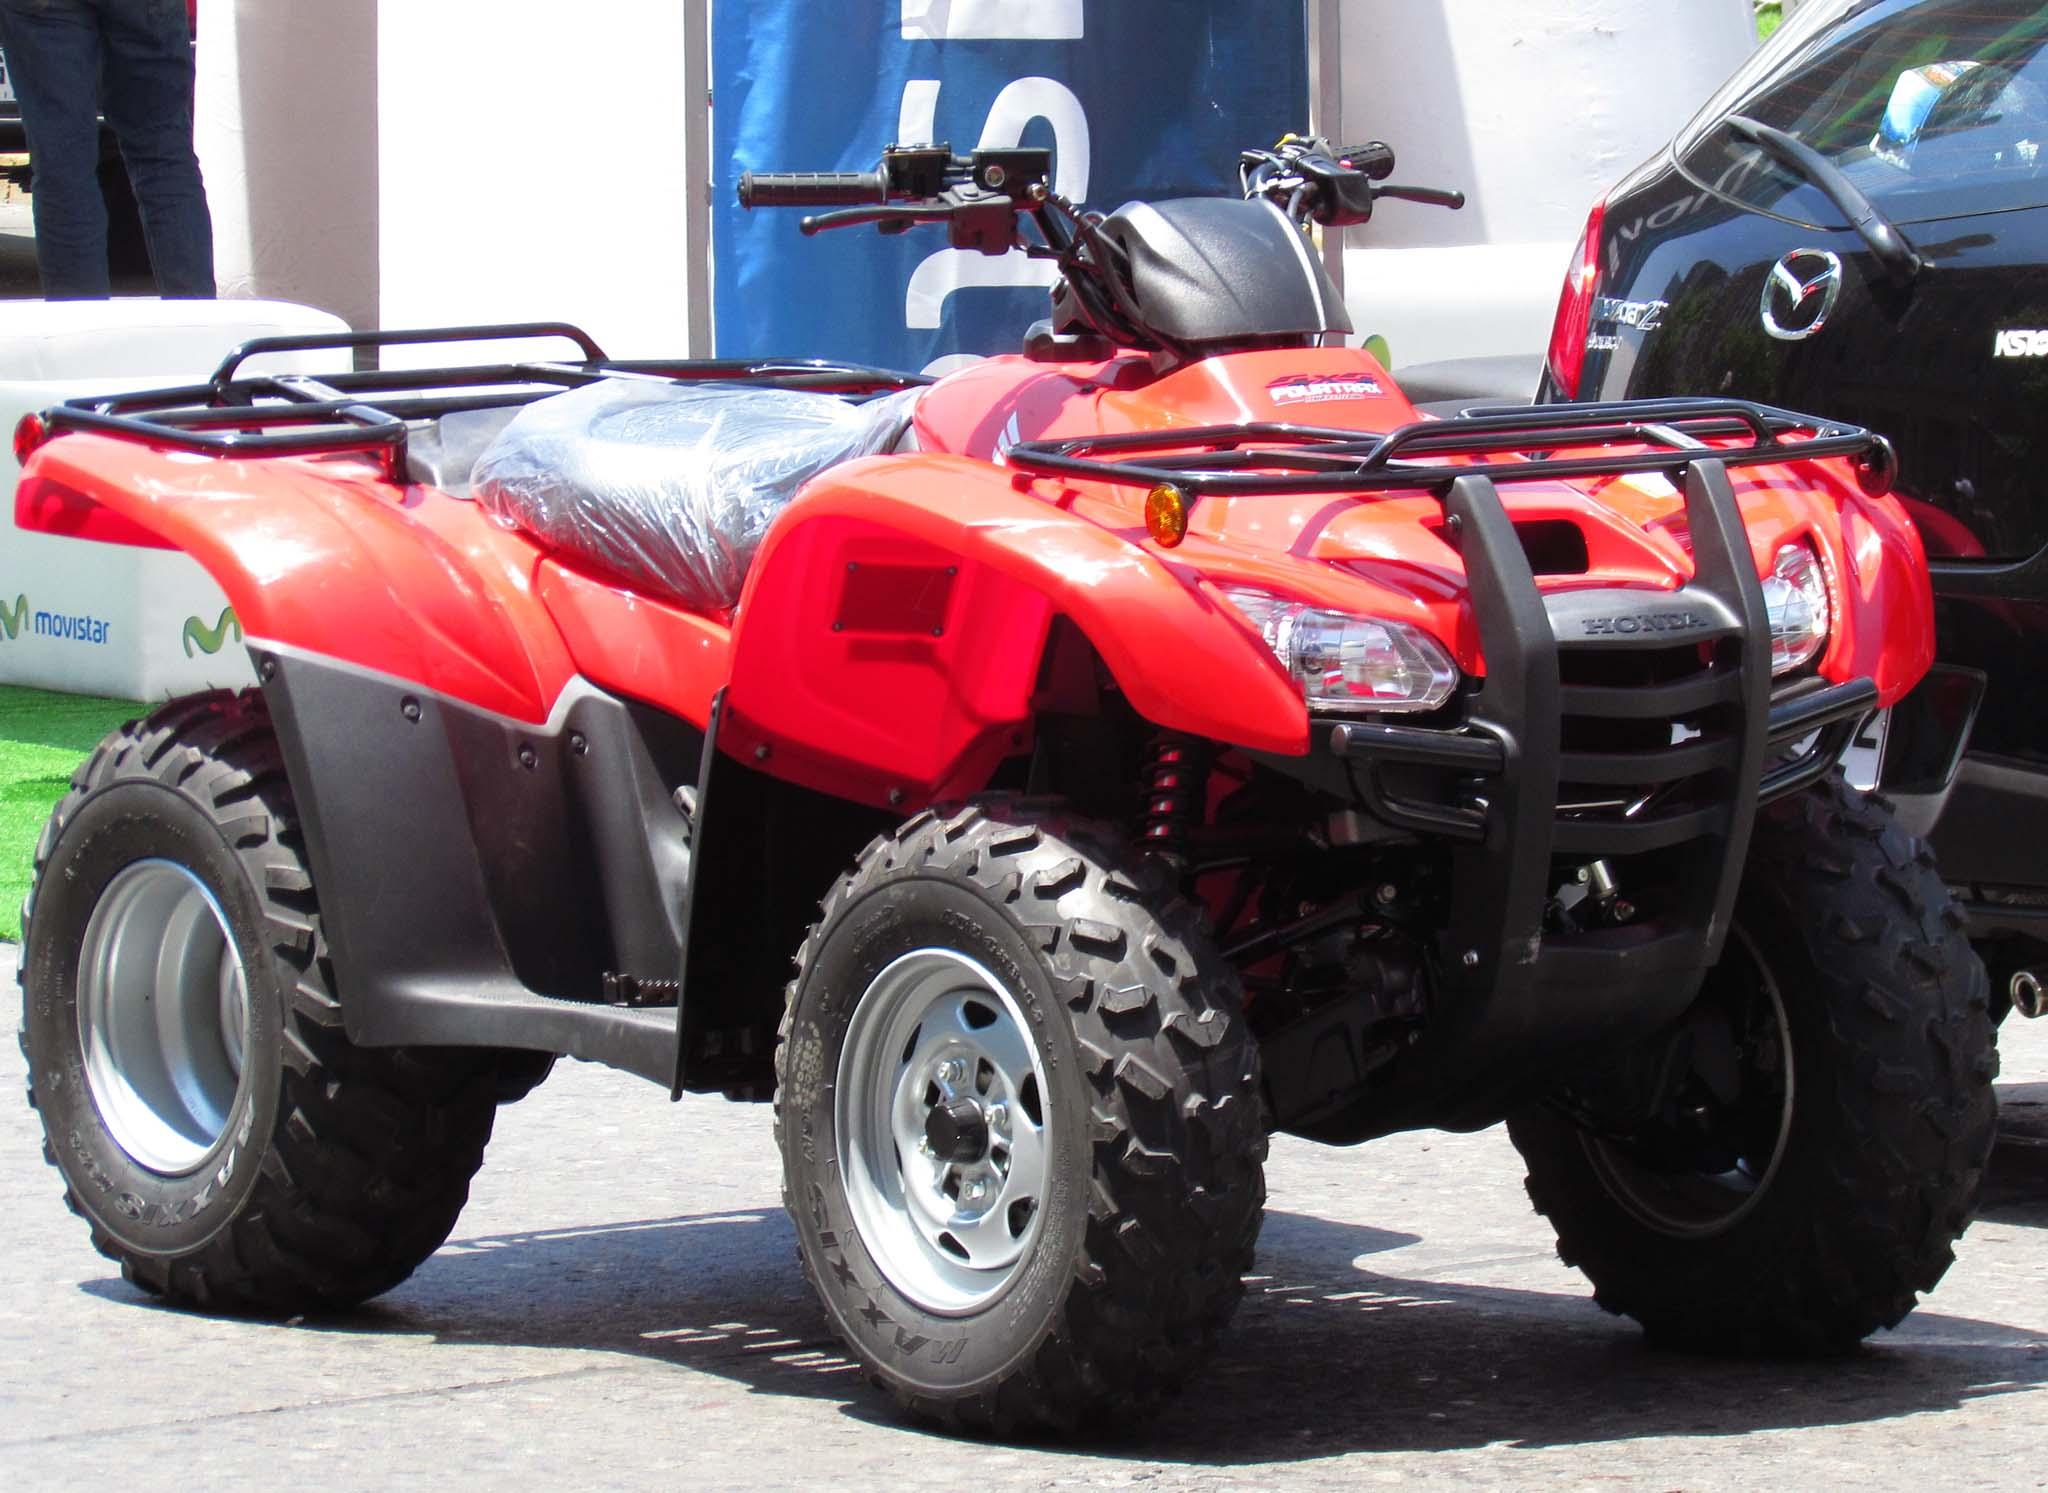 Honda Trx 420 Wikipedia